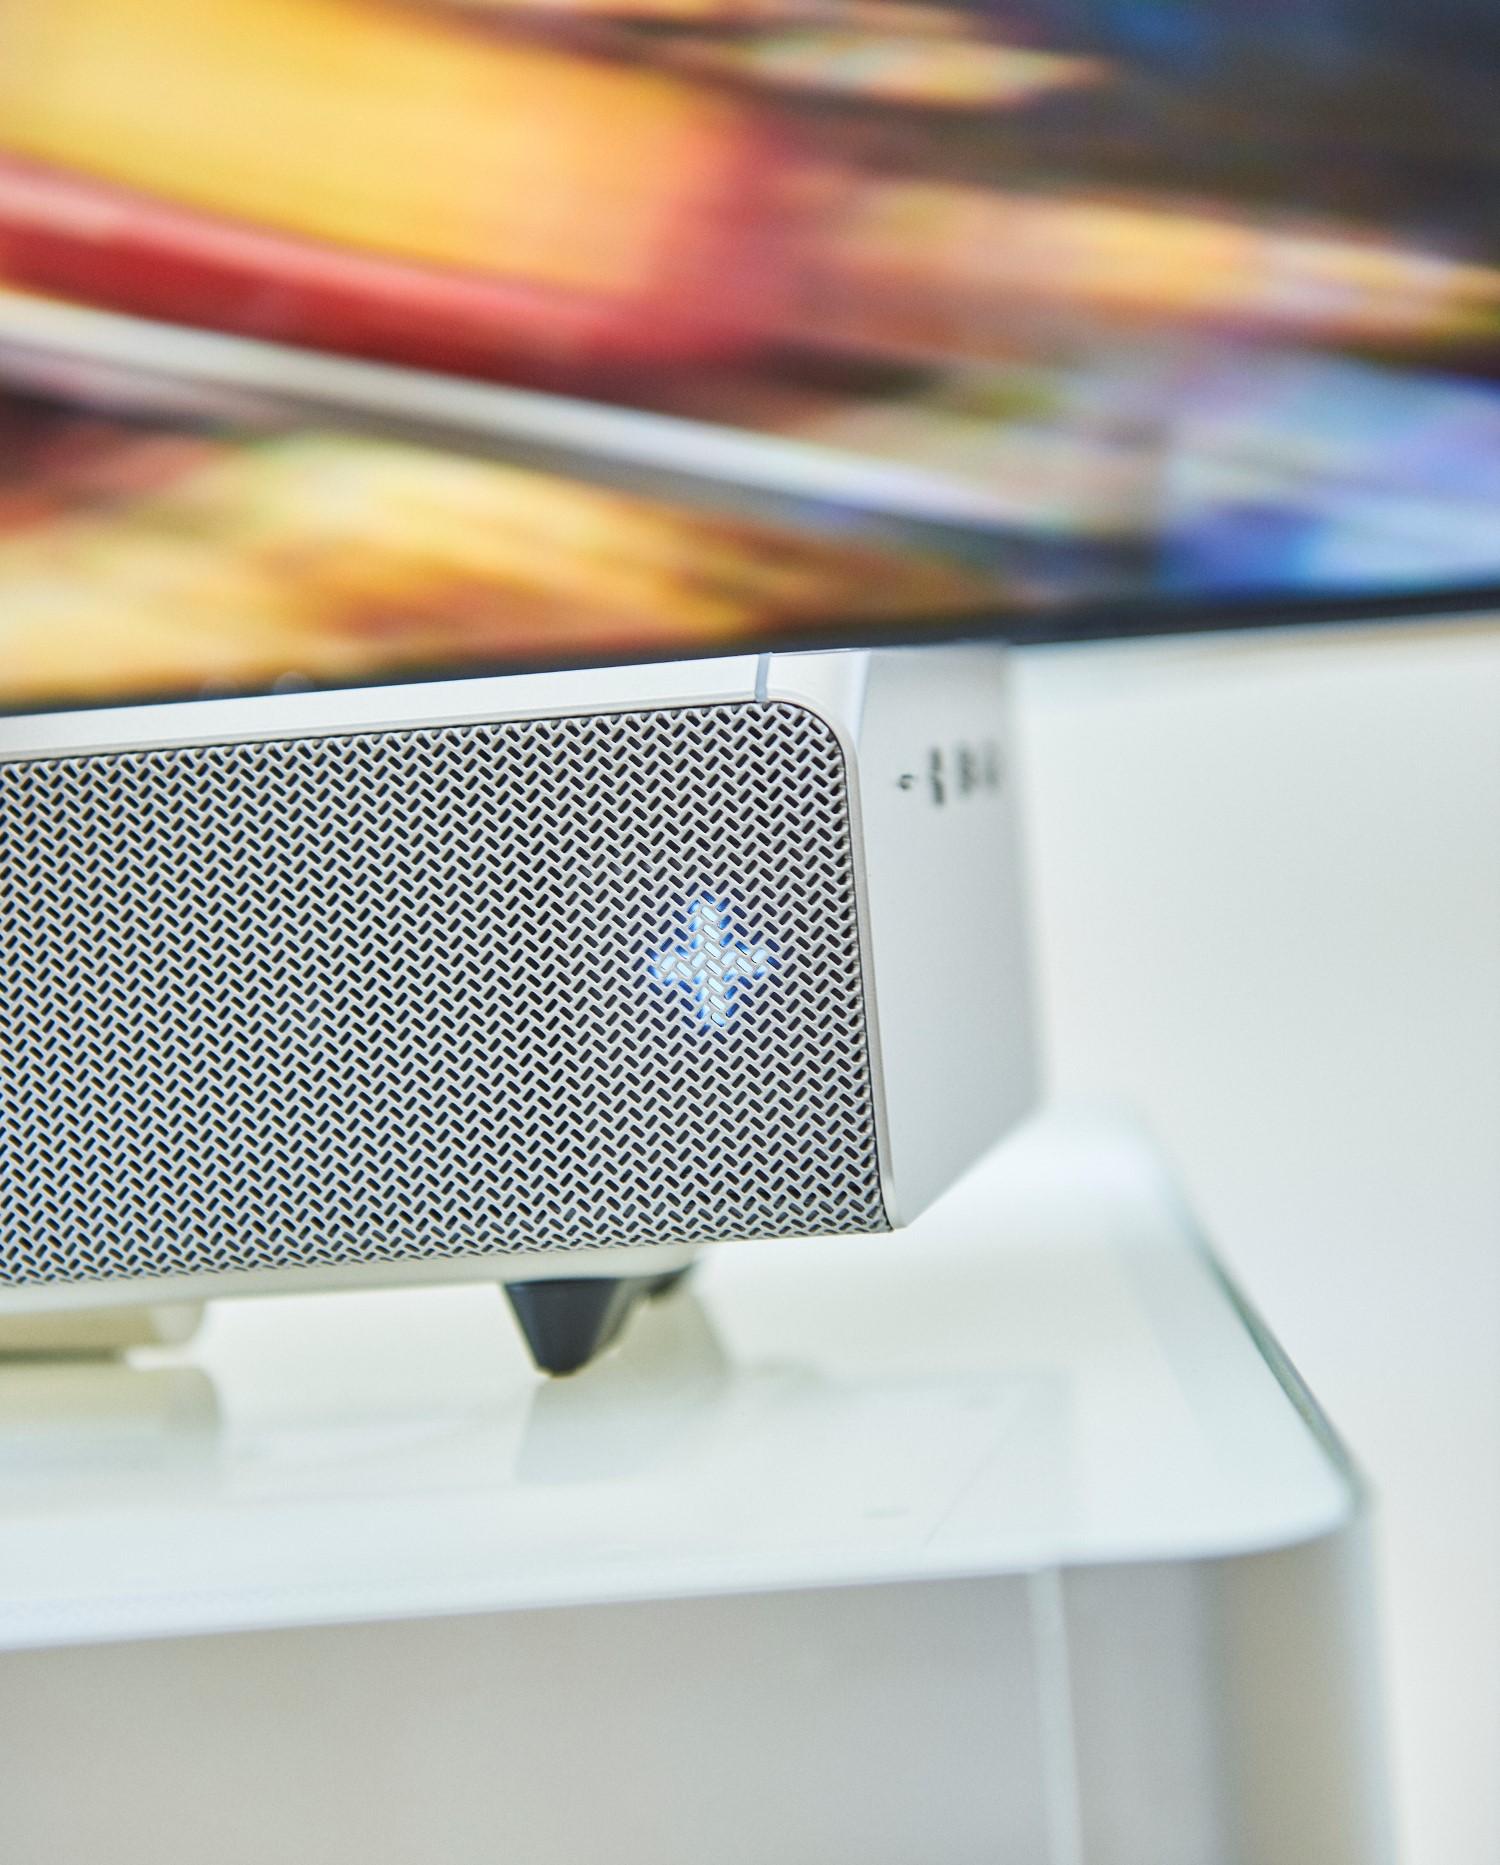 samsungs sound and soundbar light view